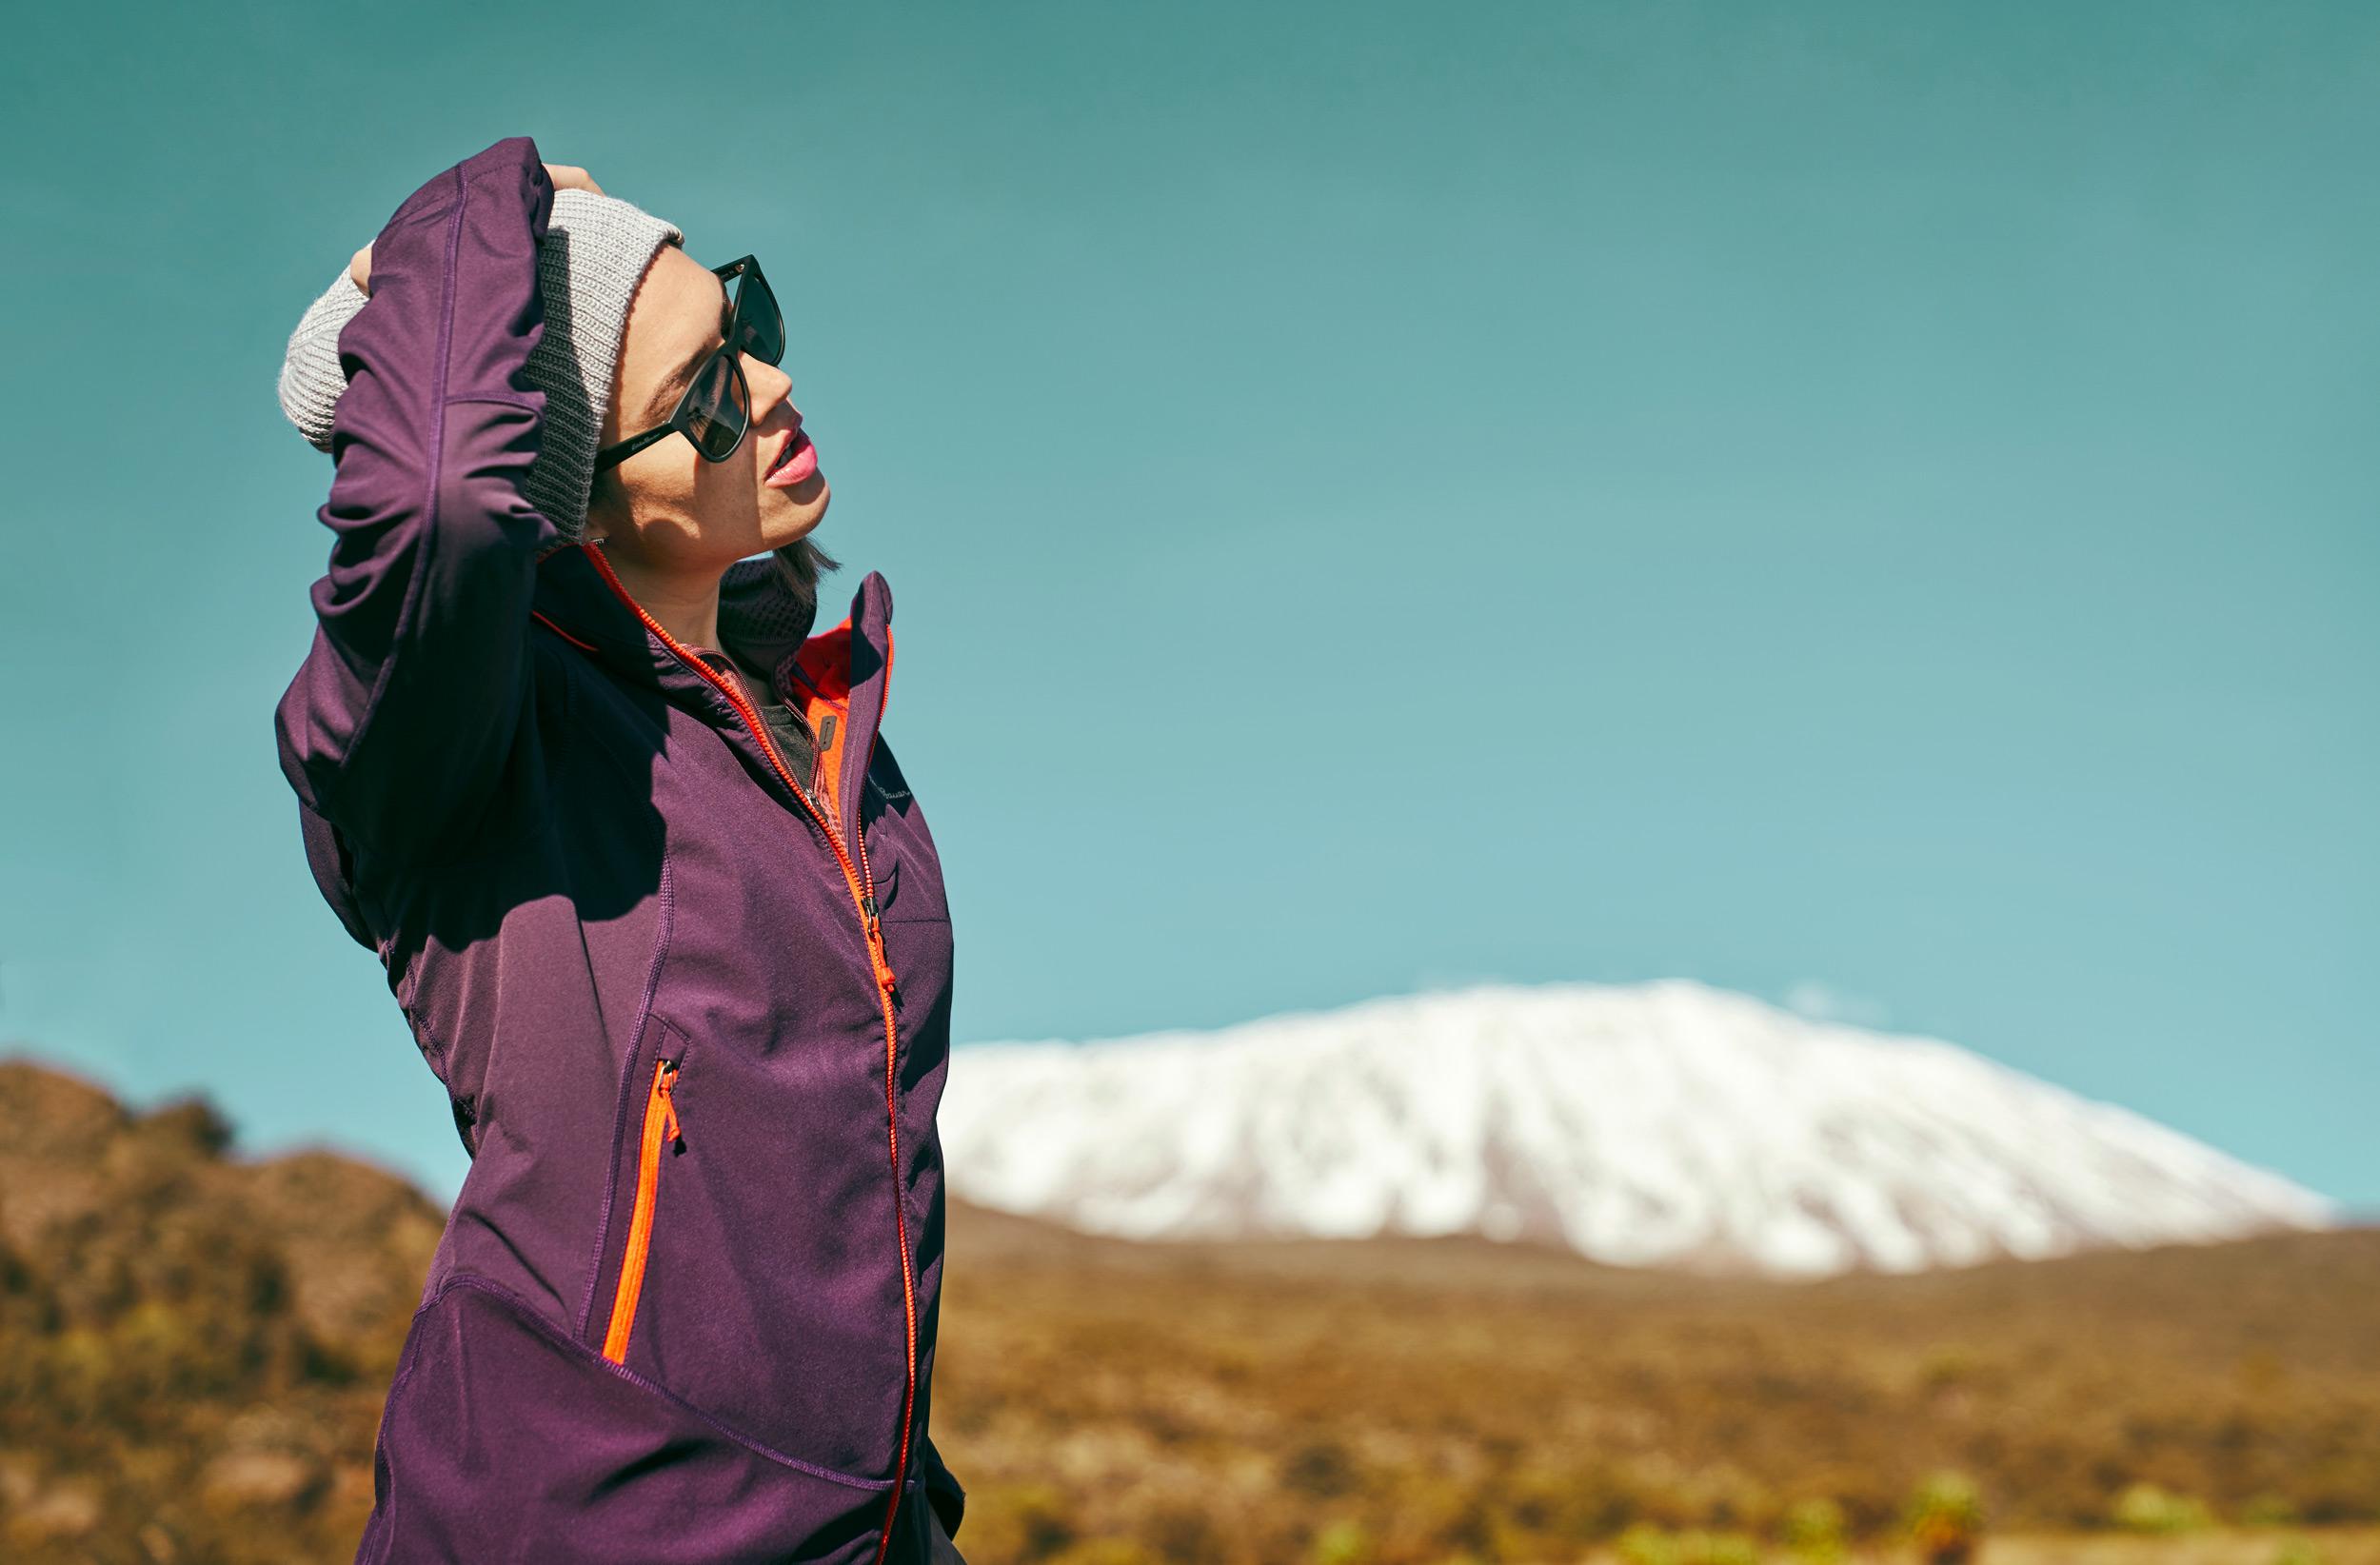 032518-EB_Kilimanjaro_0055